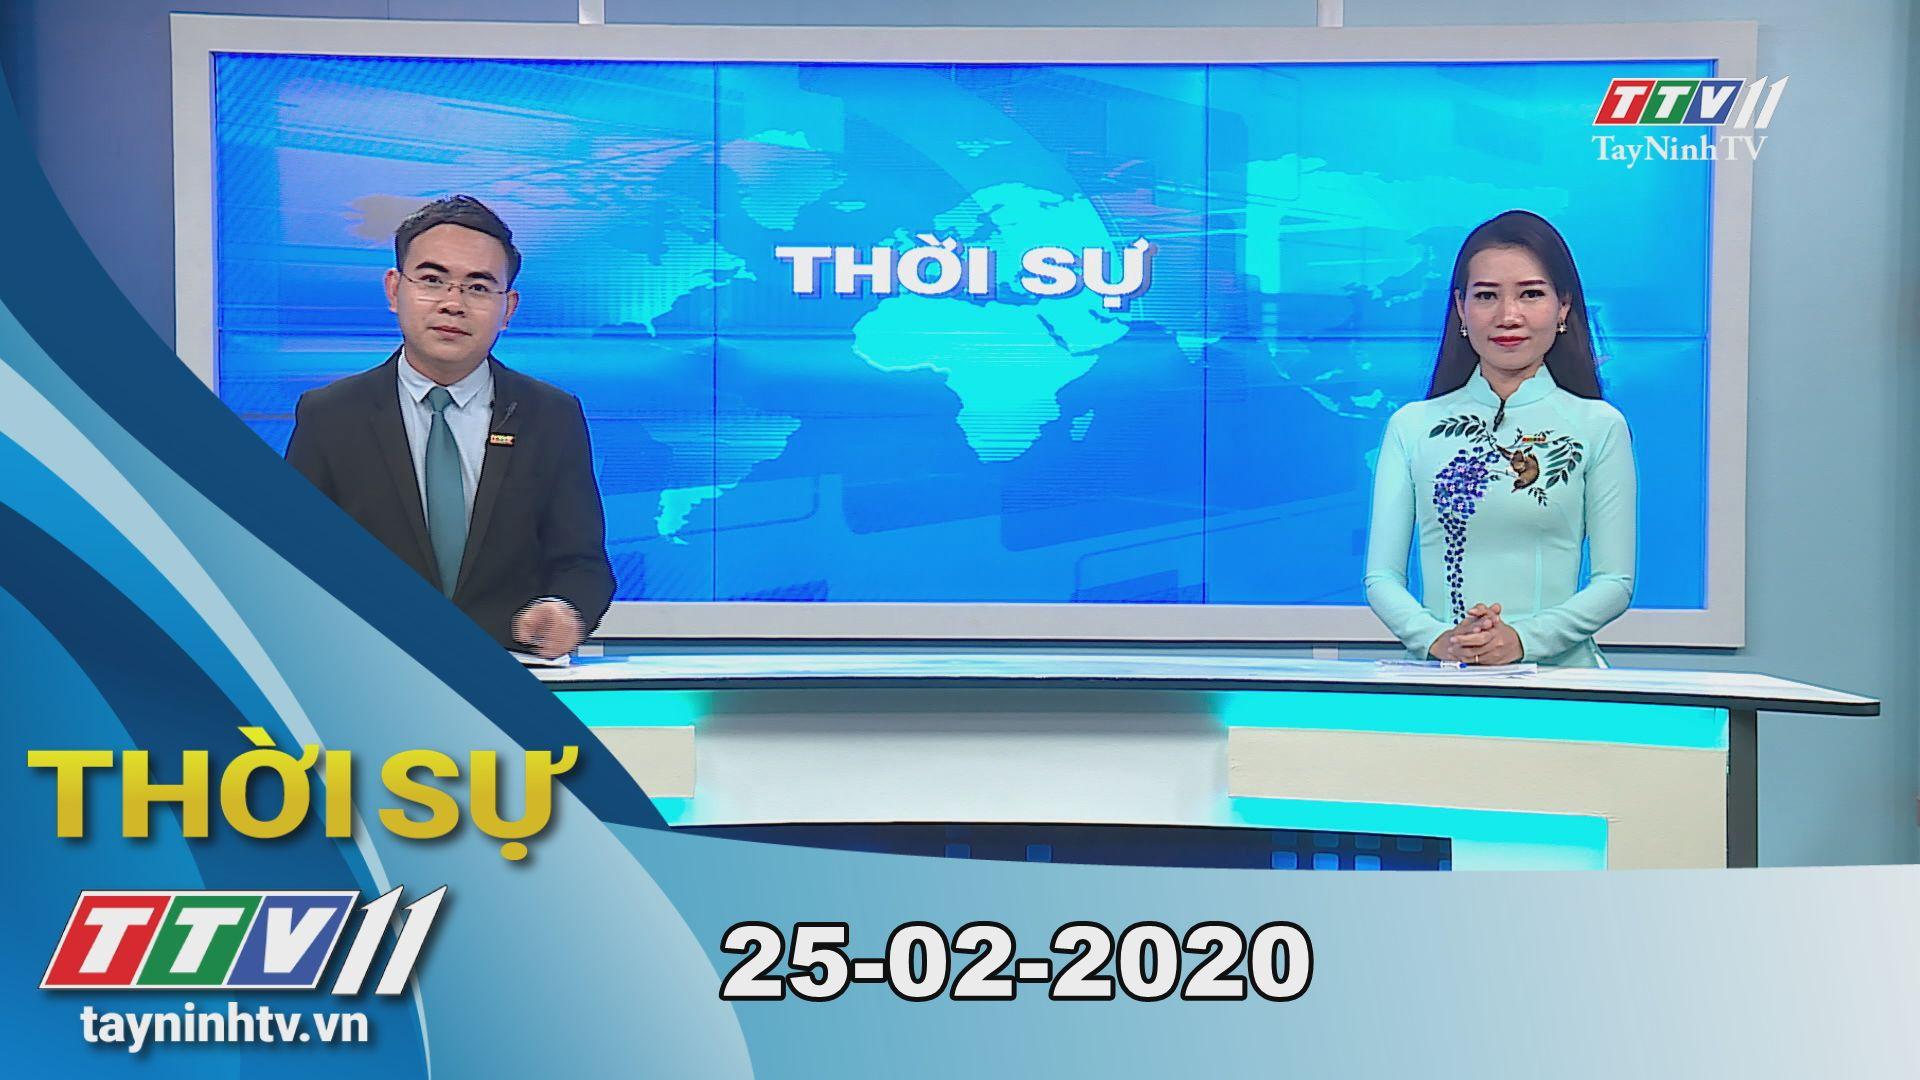 Thời sự Tây Ninh 25-02-2020 | Tin tức hôm nay | TayNinhTV